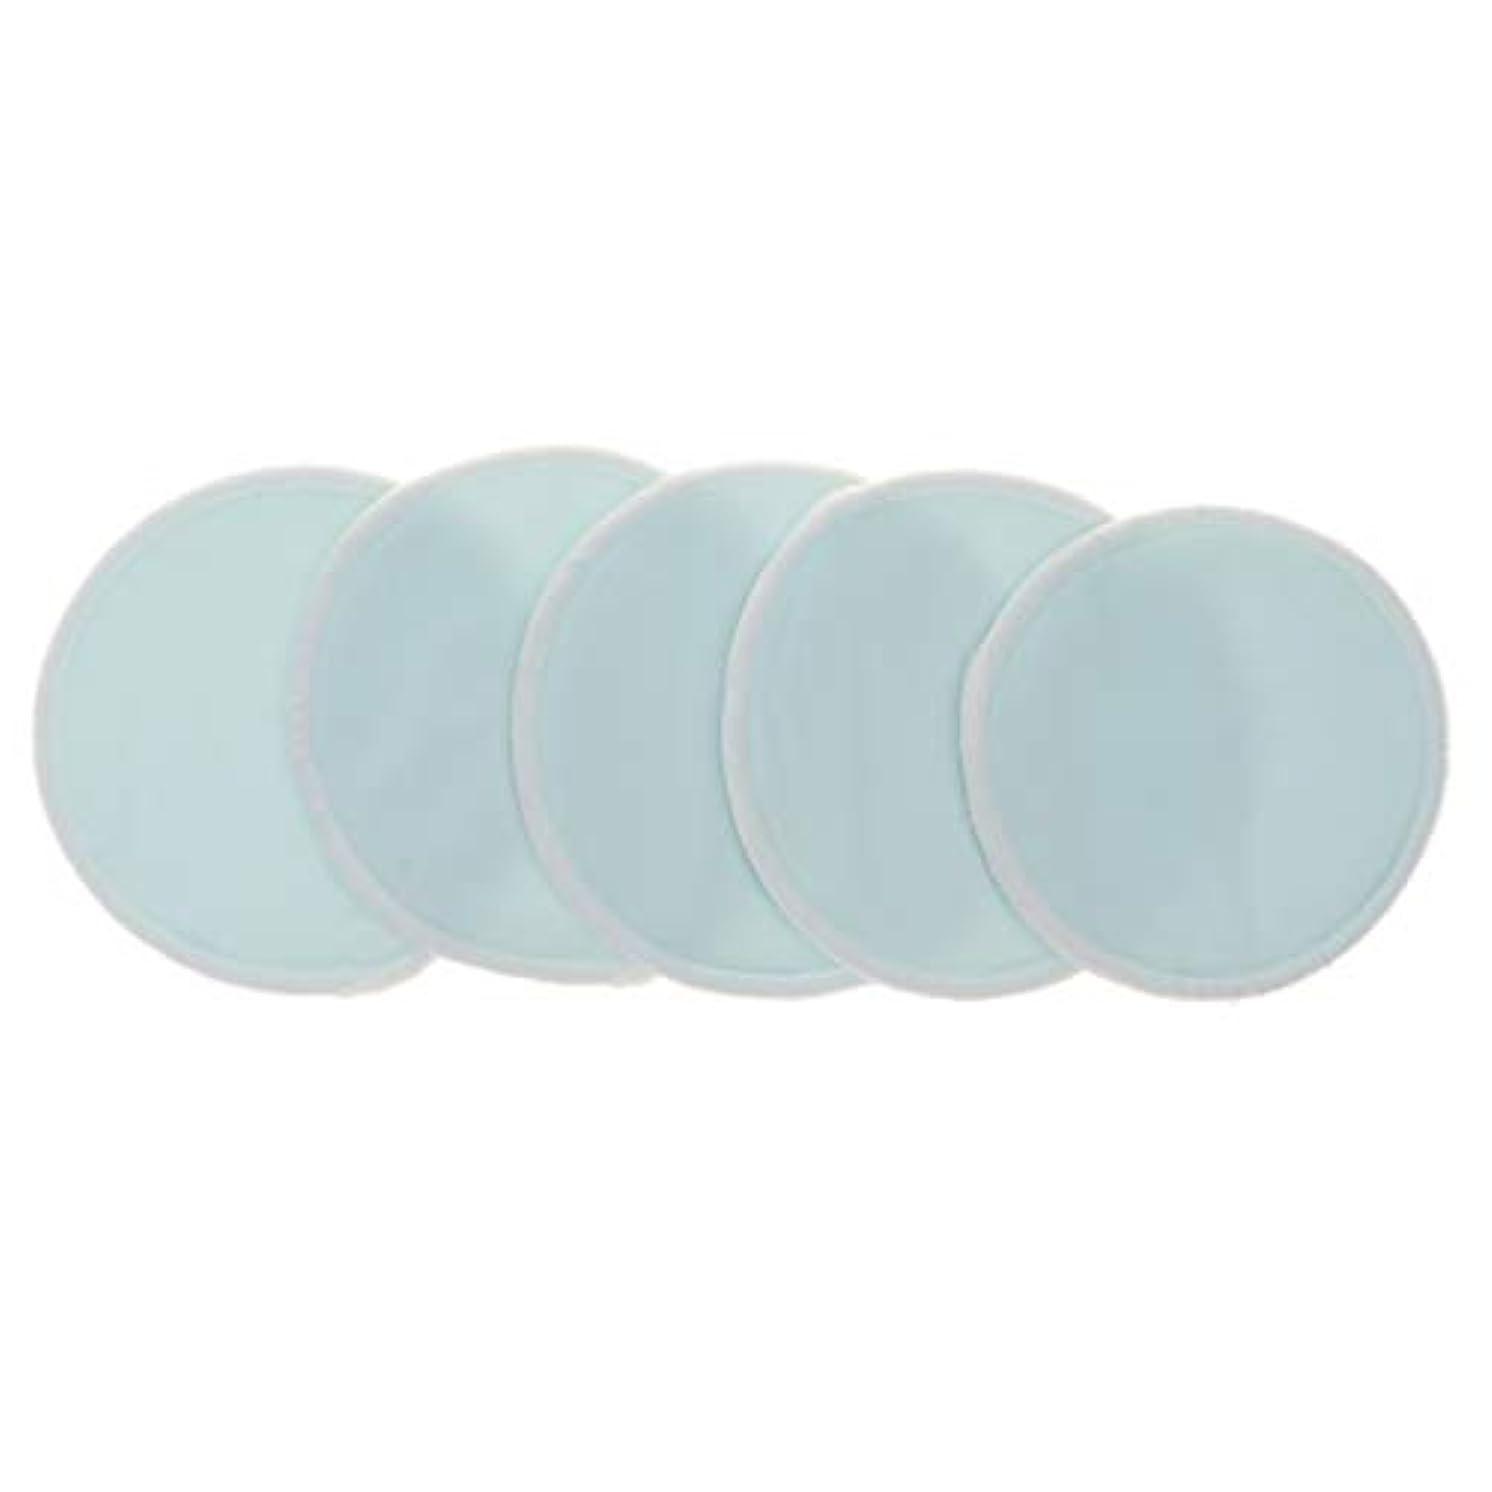 召集する選挙衣類KESOTO 全5色 胸パッド クレンジングシート メイクアップ 竹繊維 12cm 洗える 再使用可 実用的 5個入 - 青